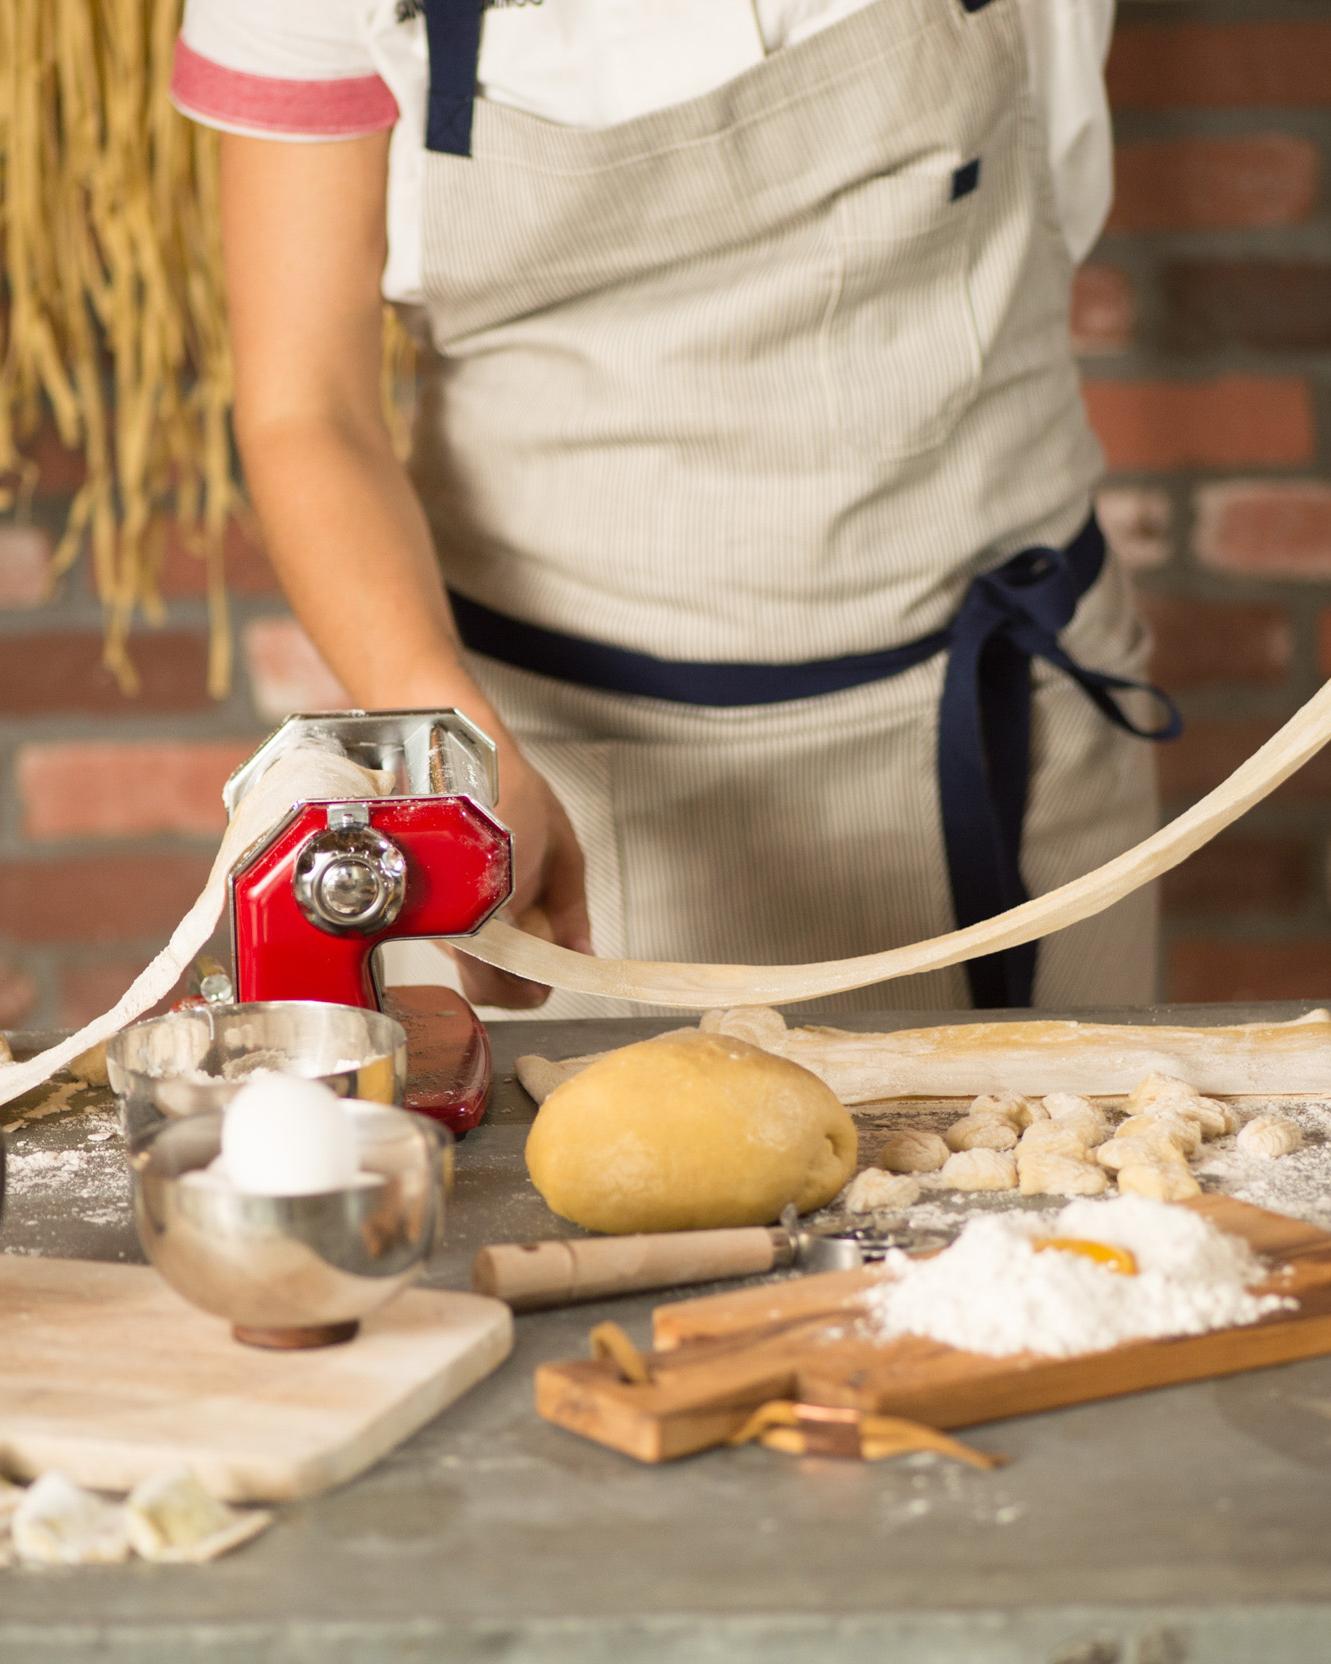 food-trends-interactive-chefs-0116.jpg